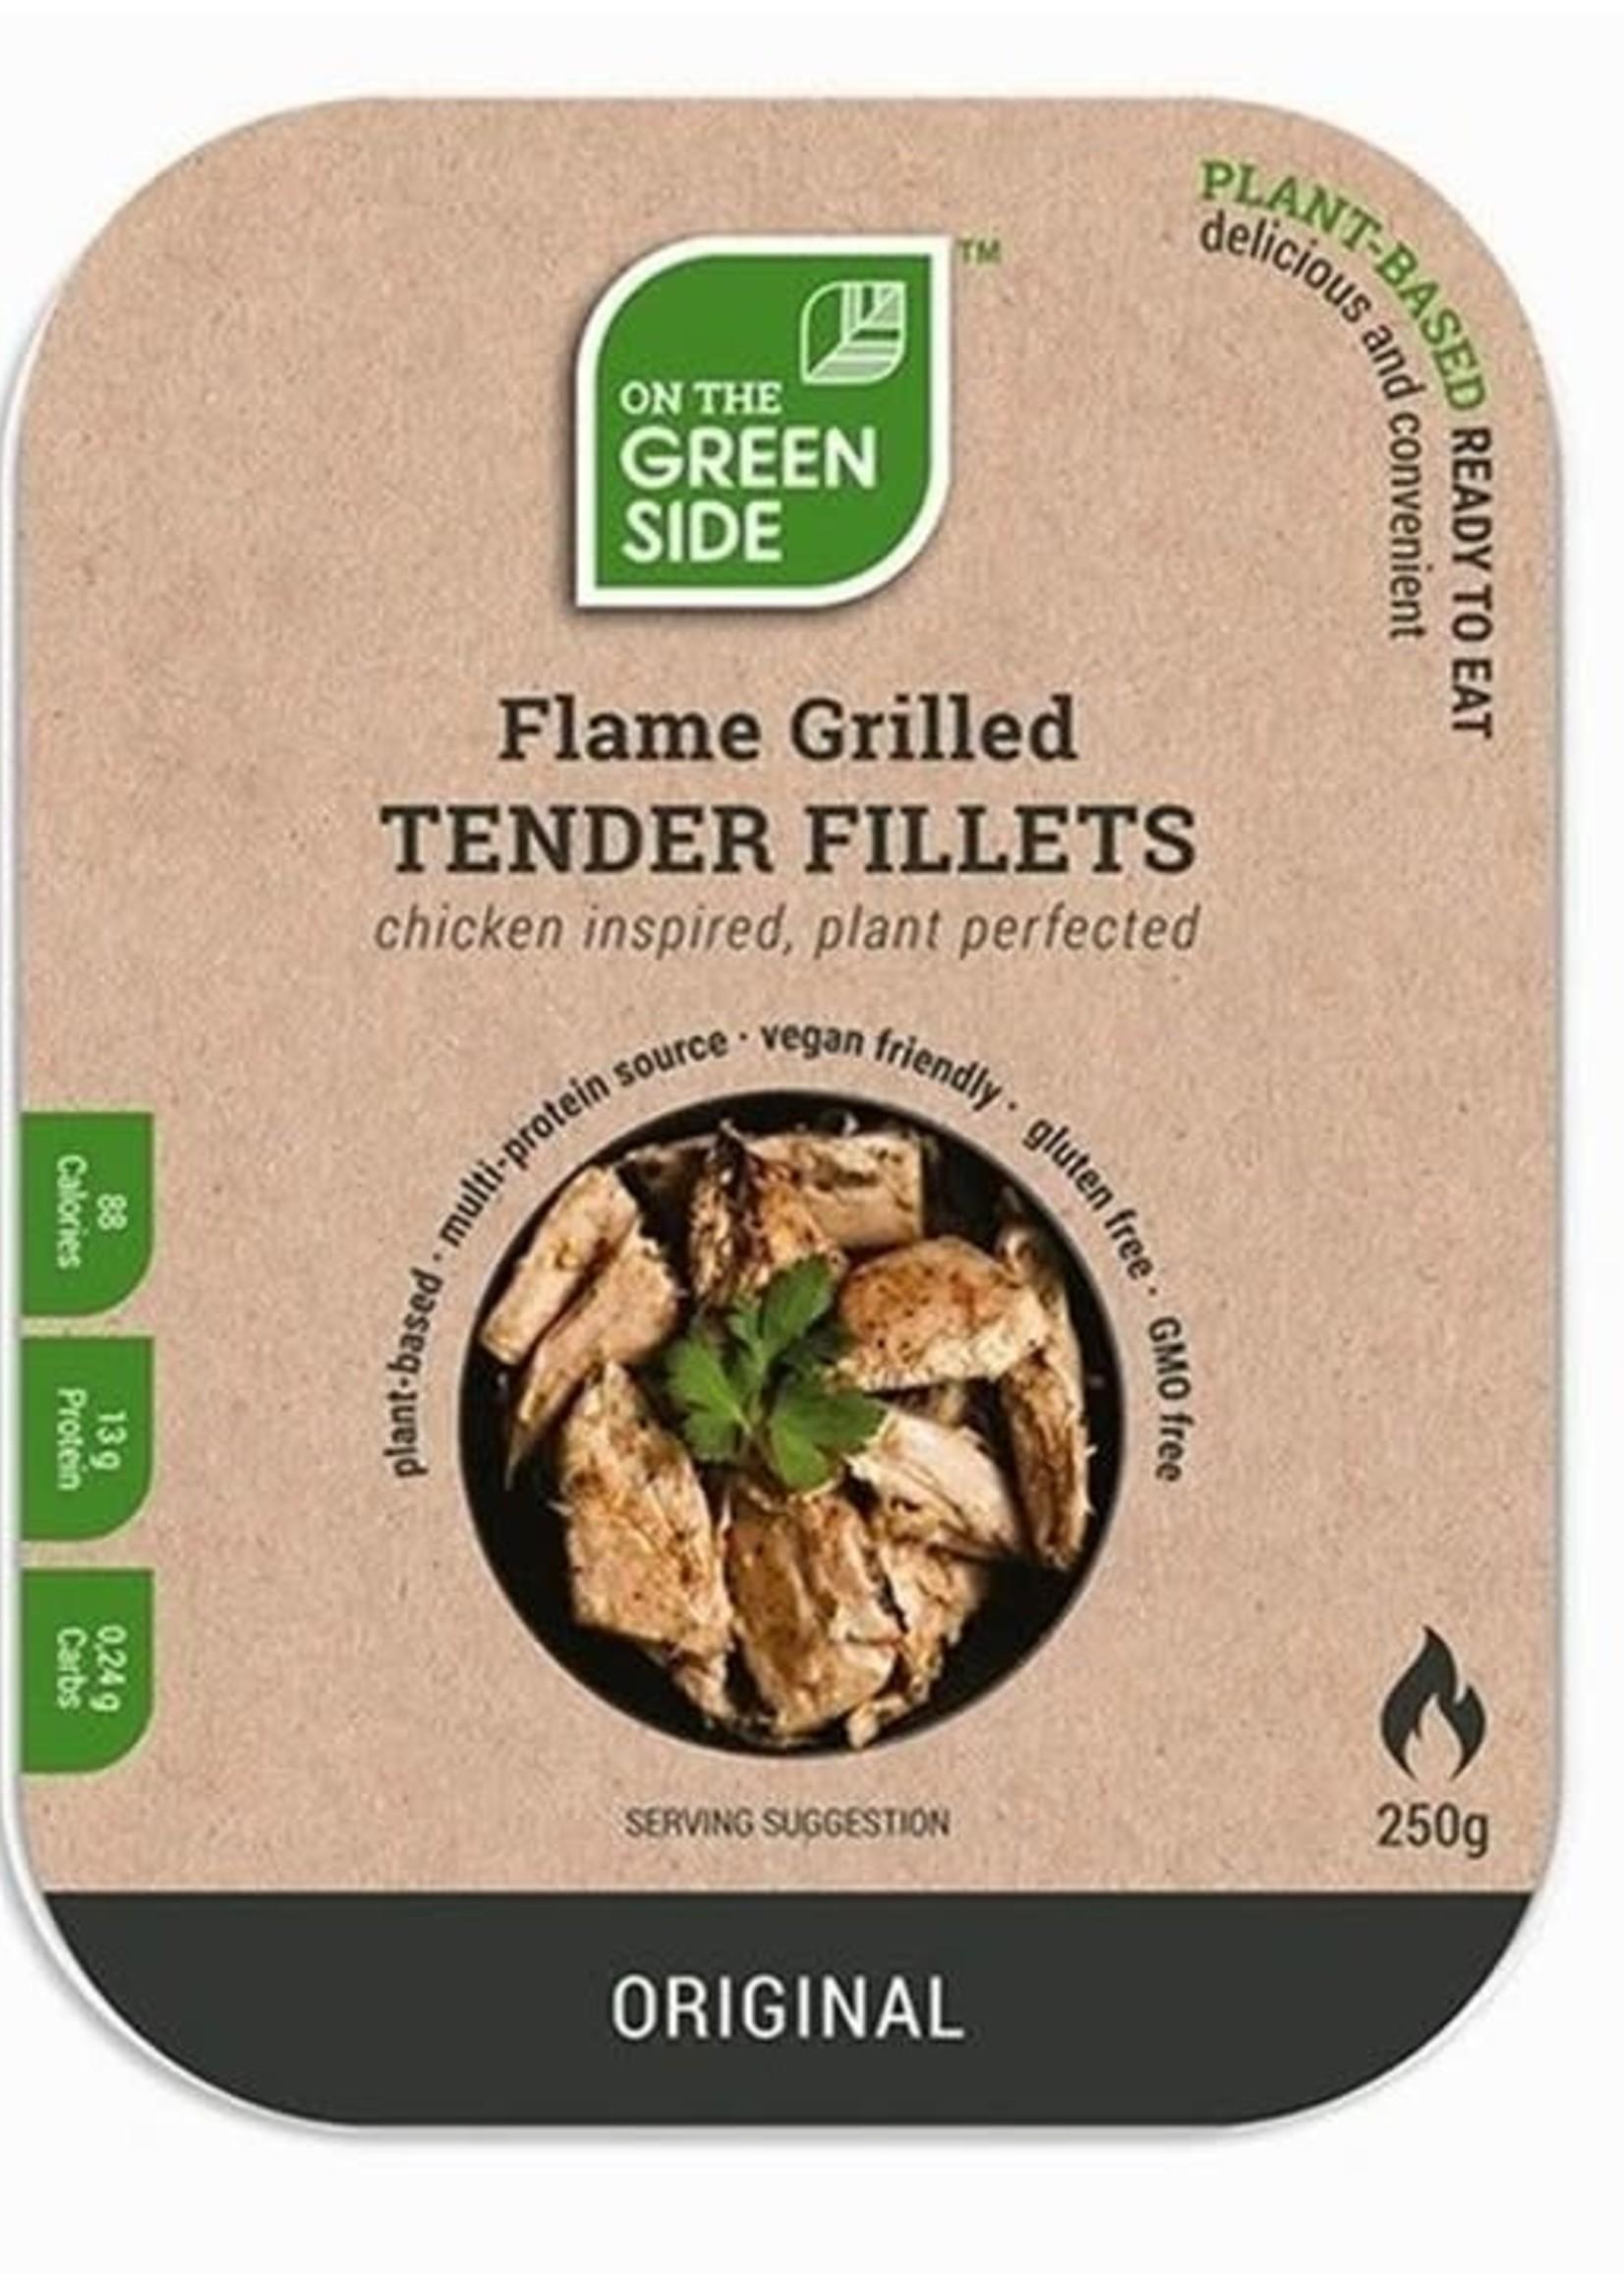 On The Green Side Tender Fillets - Original 250G